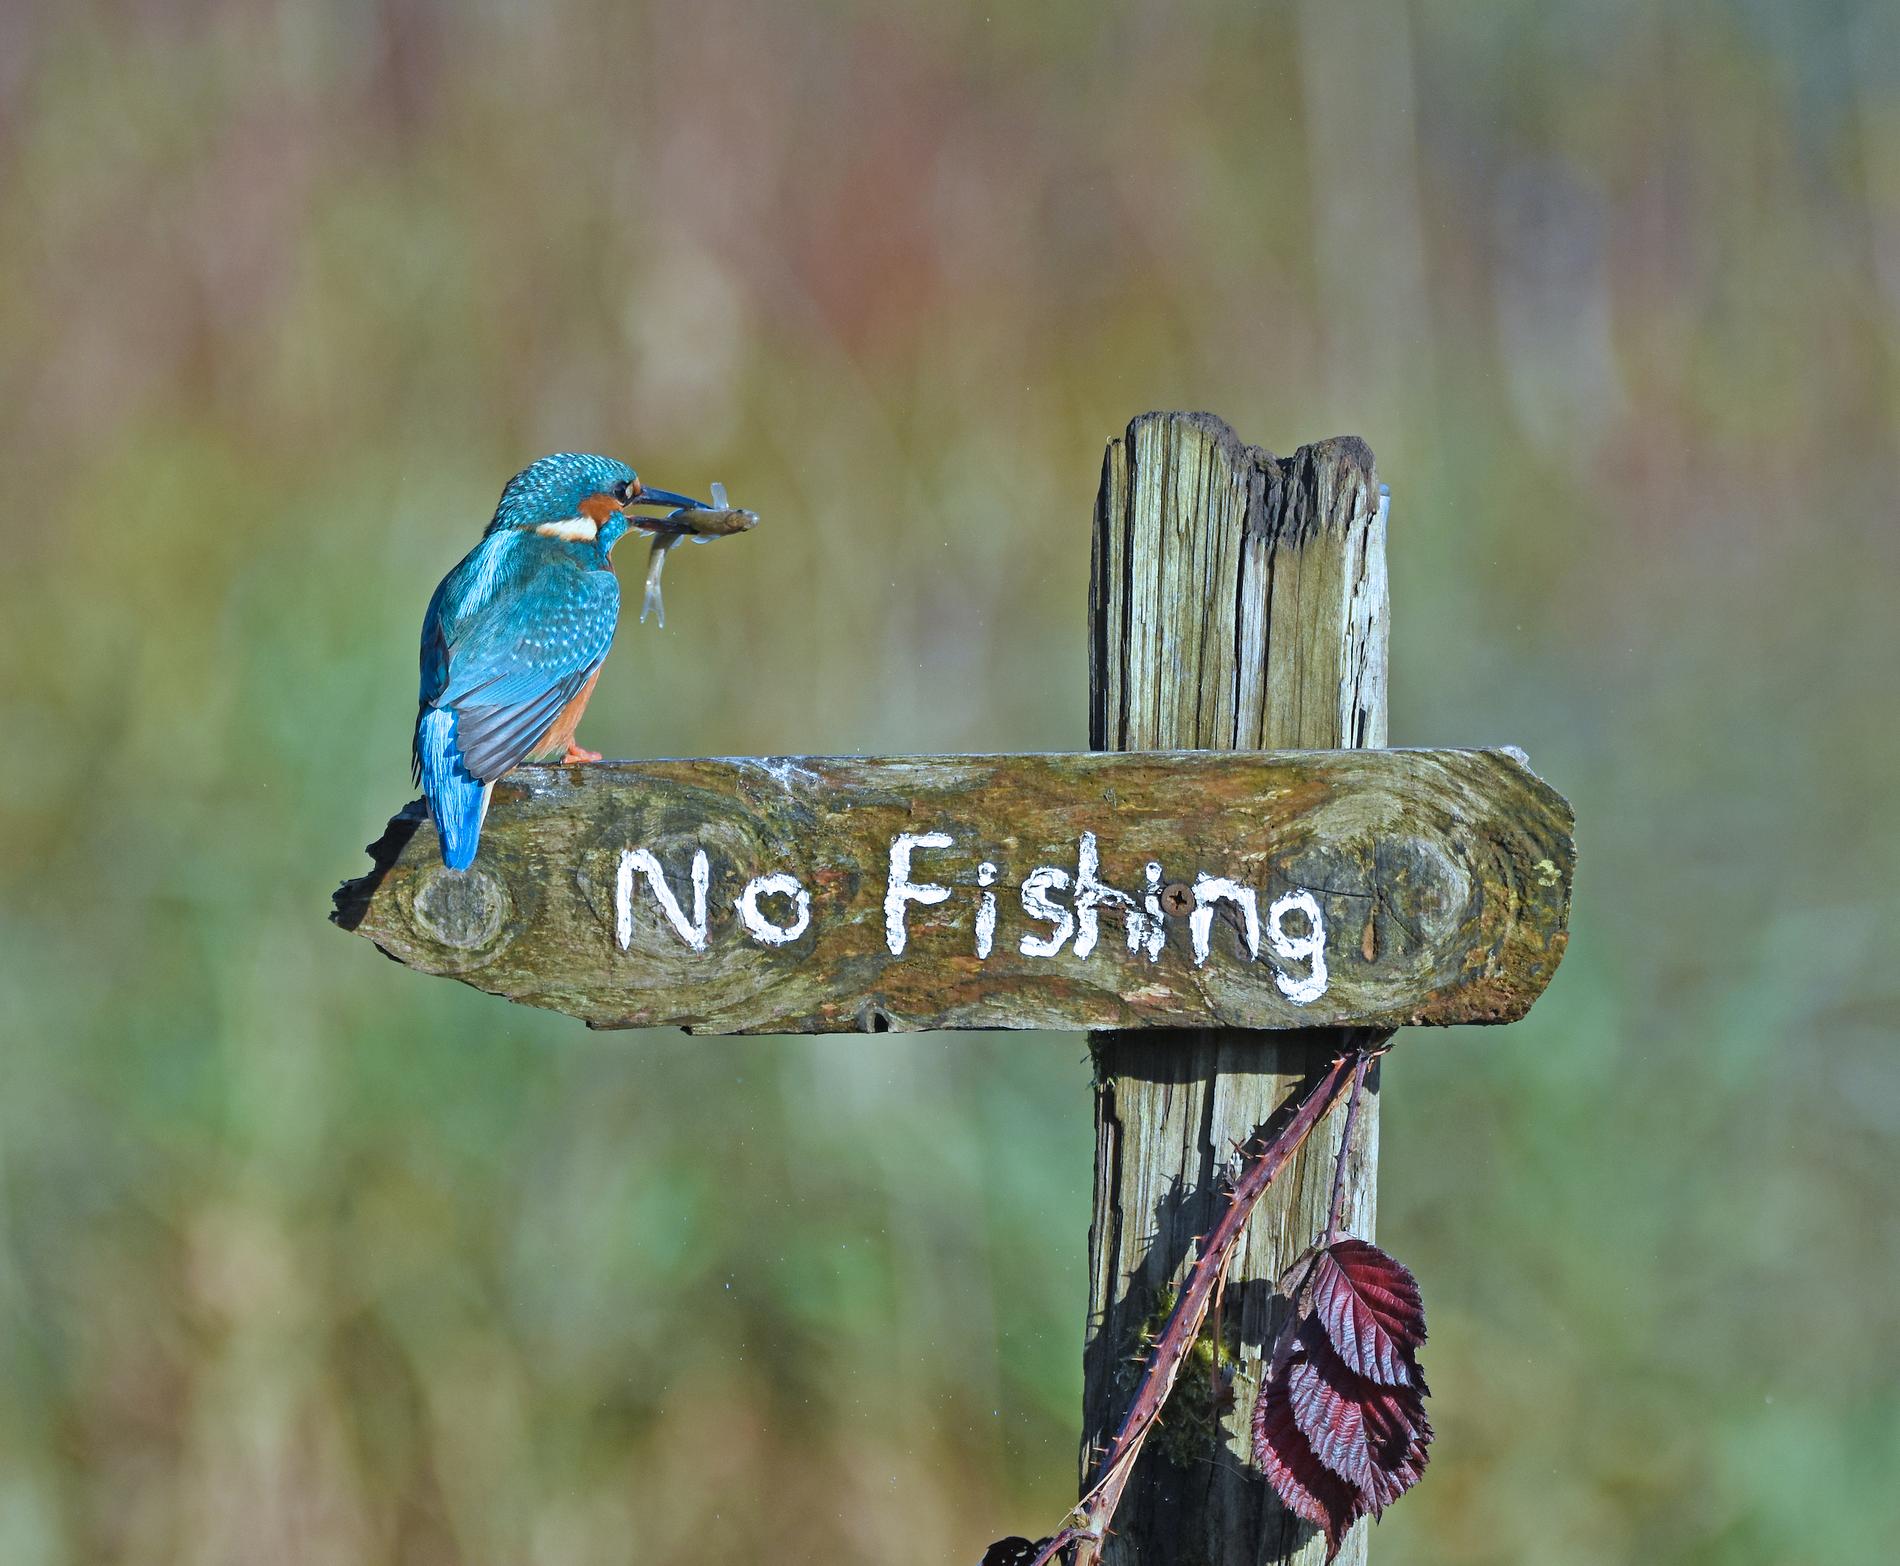 """Bilden heter """"It's a Mocking Bird"""" och föreställer en revolterande Kungsfiskare i Kirkcudbright, Storbritannien."""